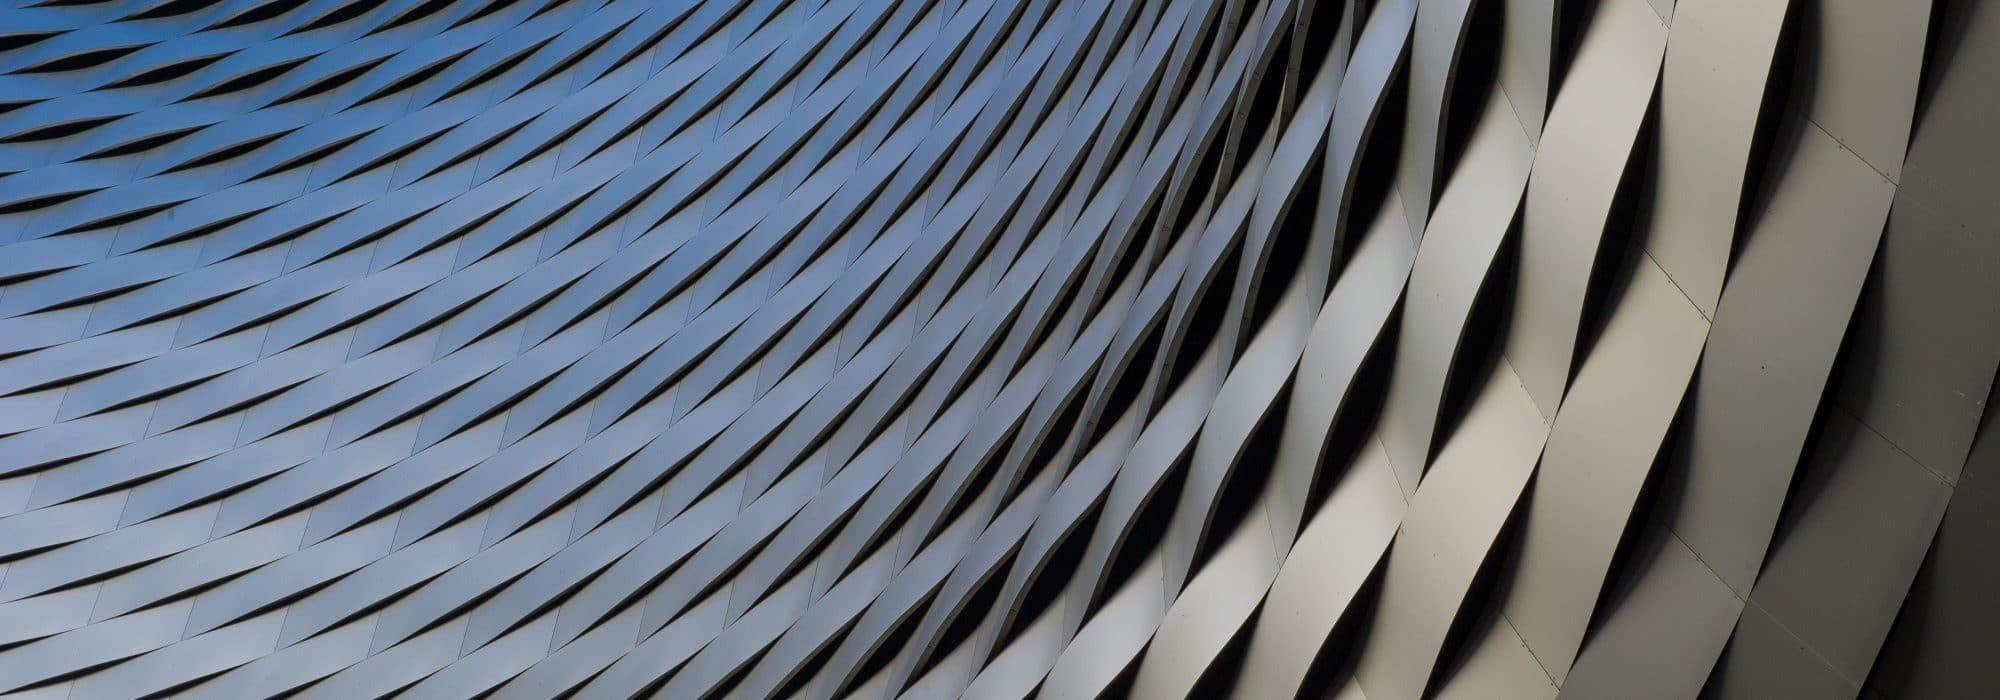 Visuel graphique arrondi noir utilisé par IXIS